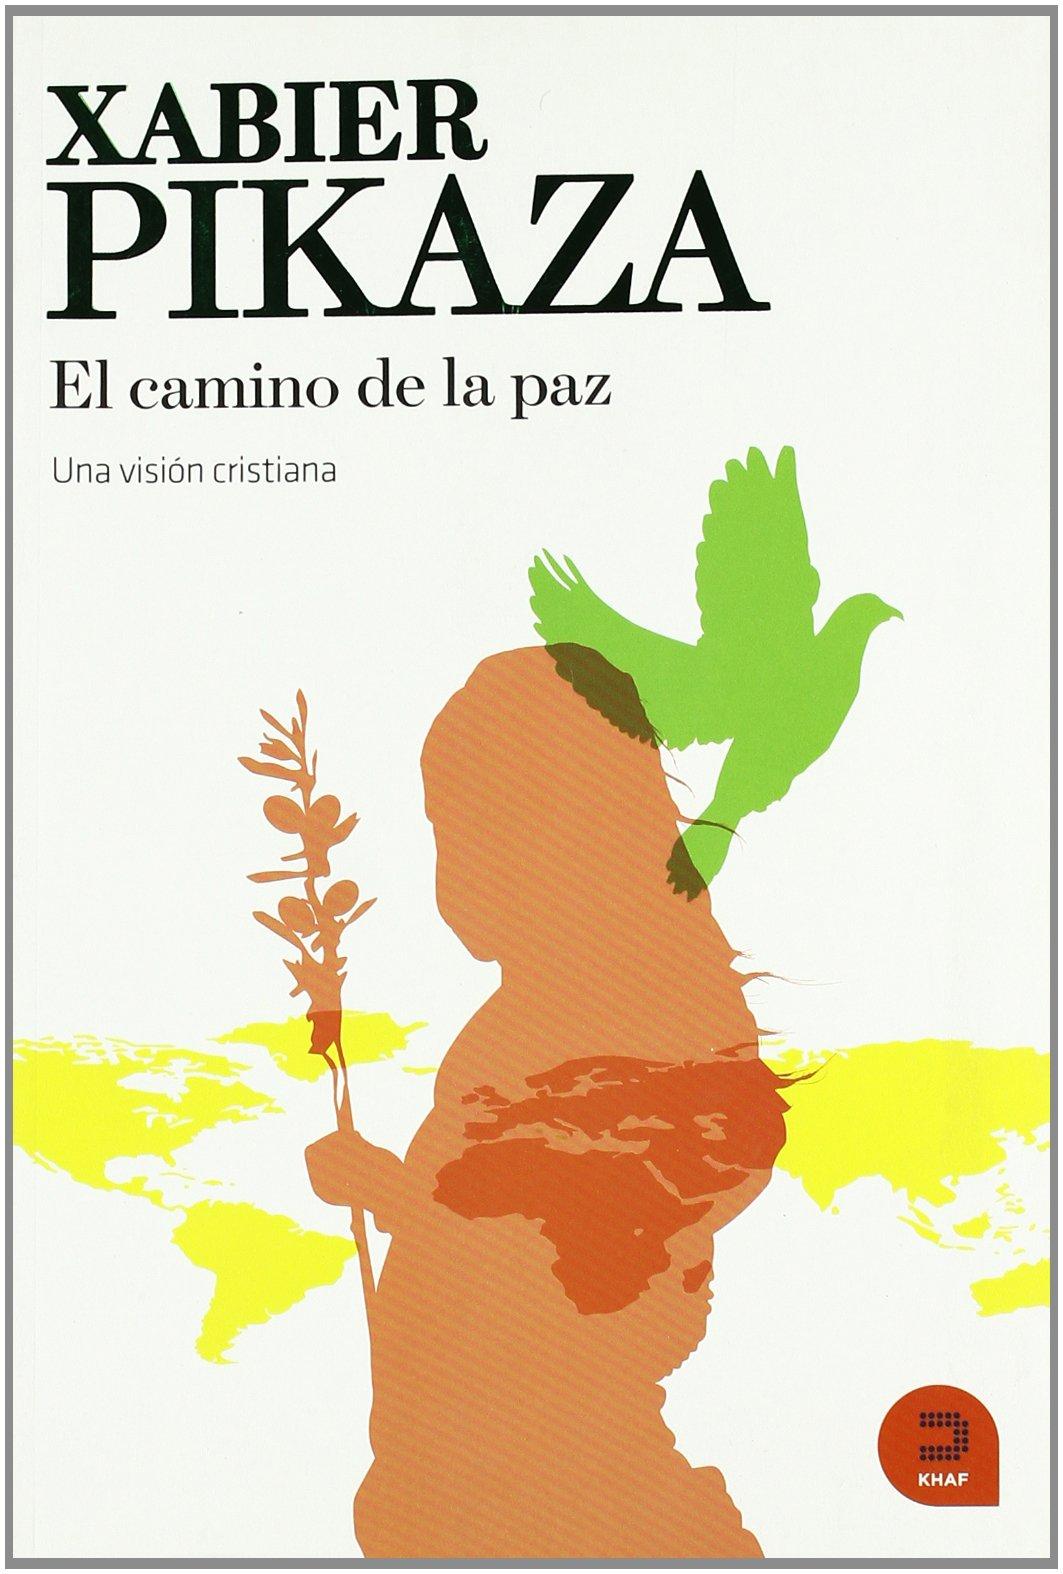 Resultado de imagen de Pikaza, camino de paz